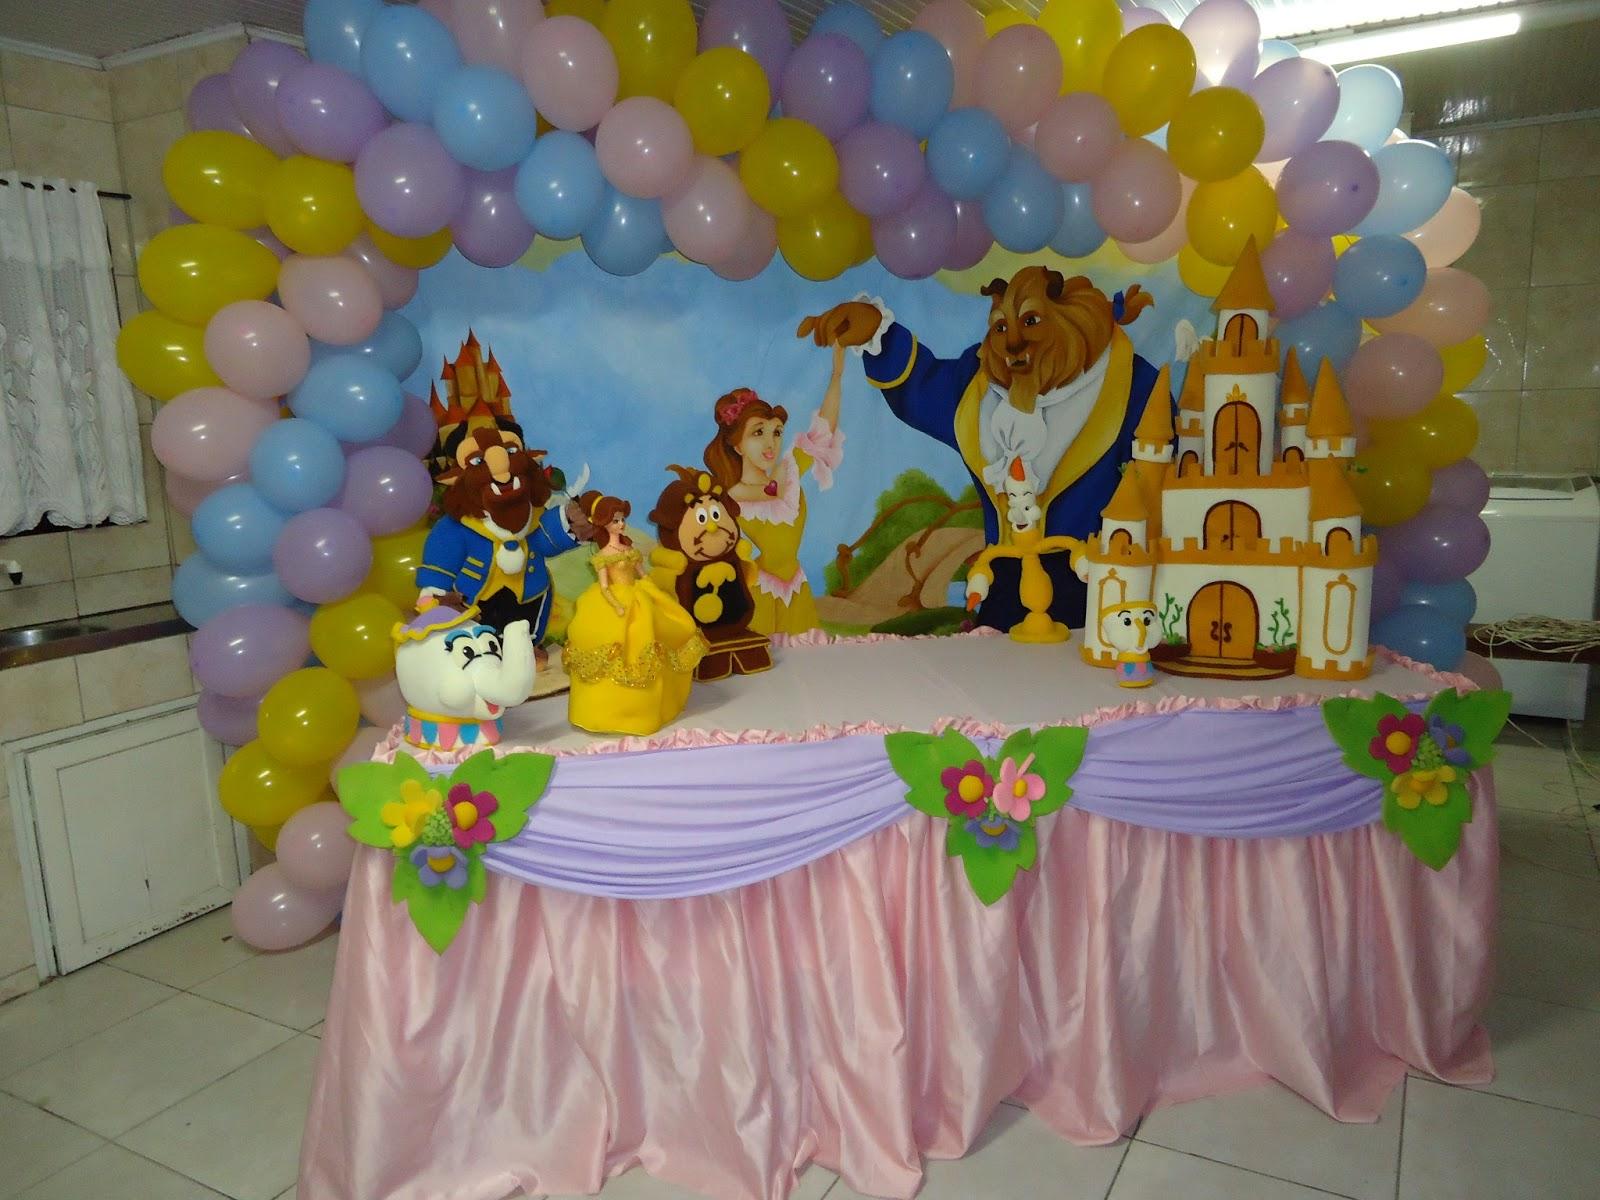 #446E1D Mundo Mágico: DECORAÇÃO DA BELA E A FERA 1600x1200 px Bela Decoração Da Cozinha_403 Imagens